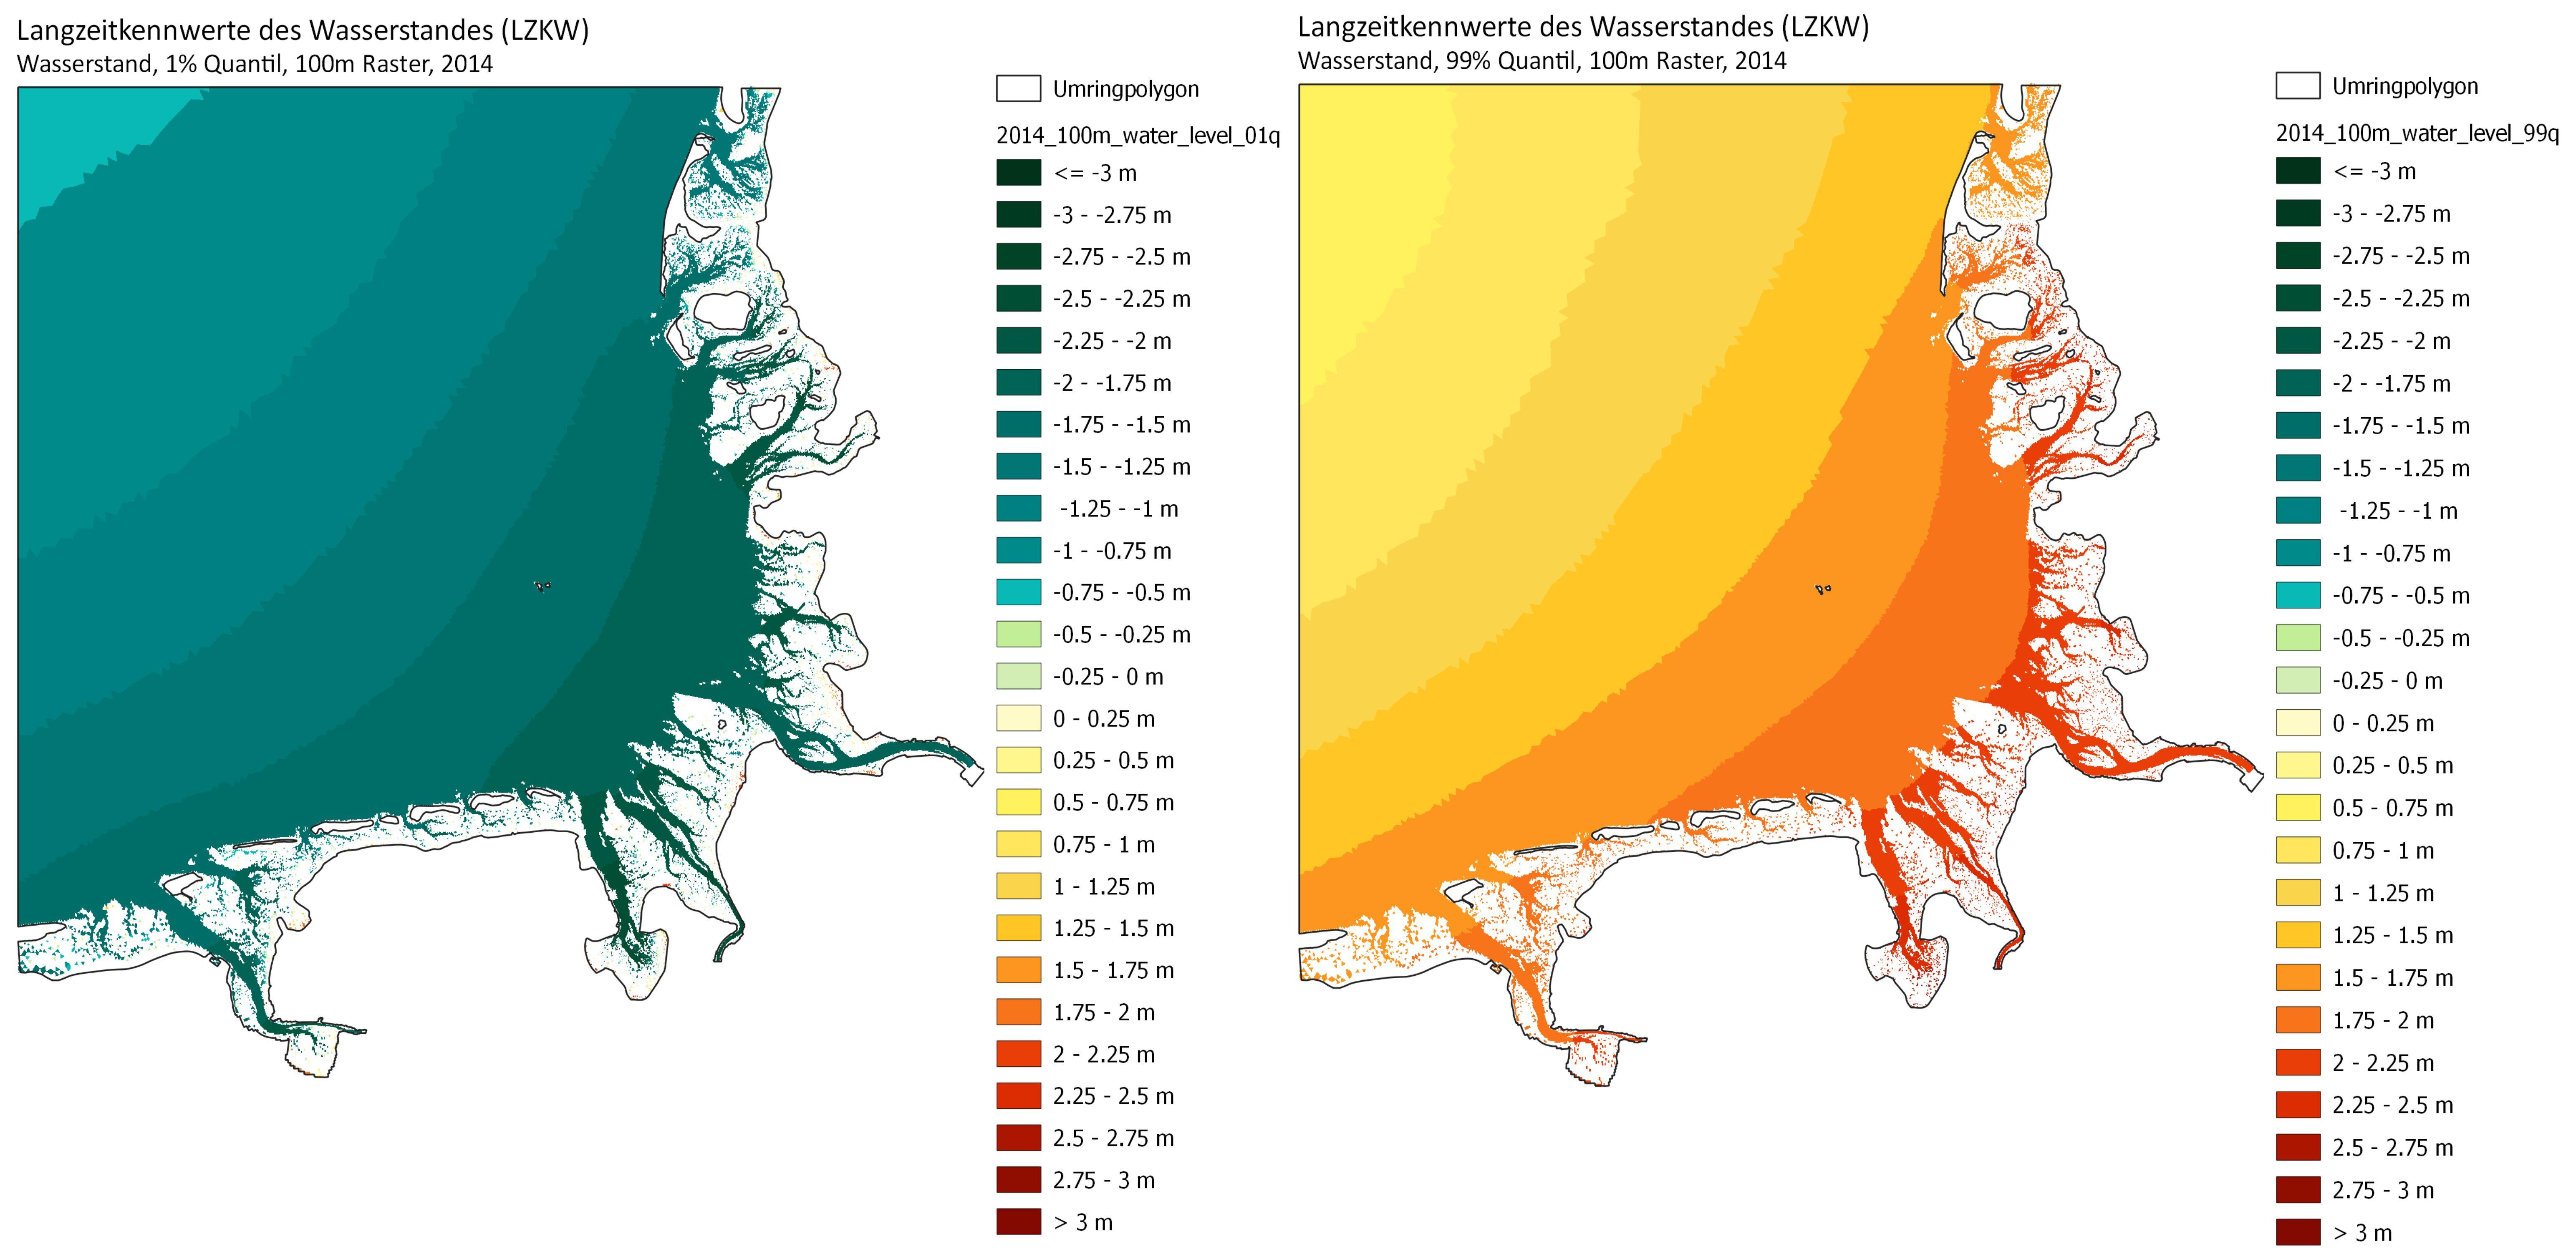 Überblick über die Lanzgzeitkennwerte des Wasserstands für das Beispieljahr 2014.